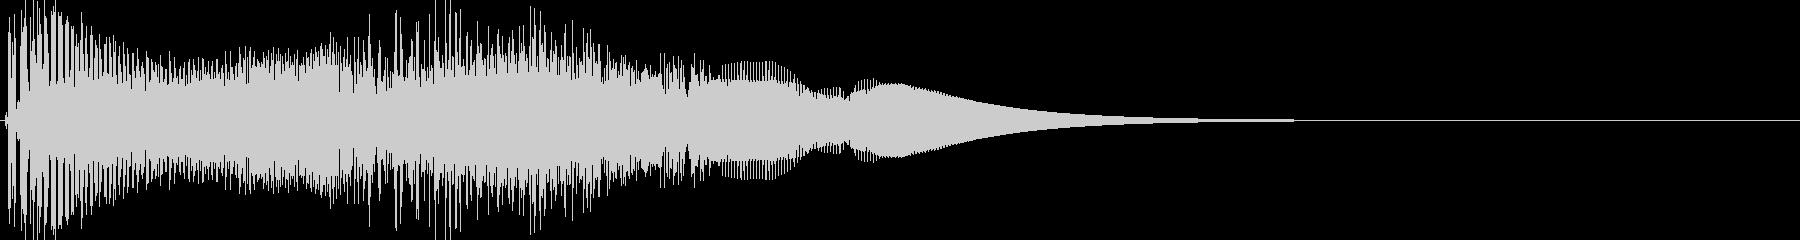 ゲーム系カーソル選択音02 (進む)の未再生の波形